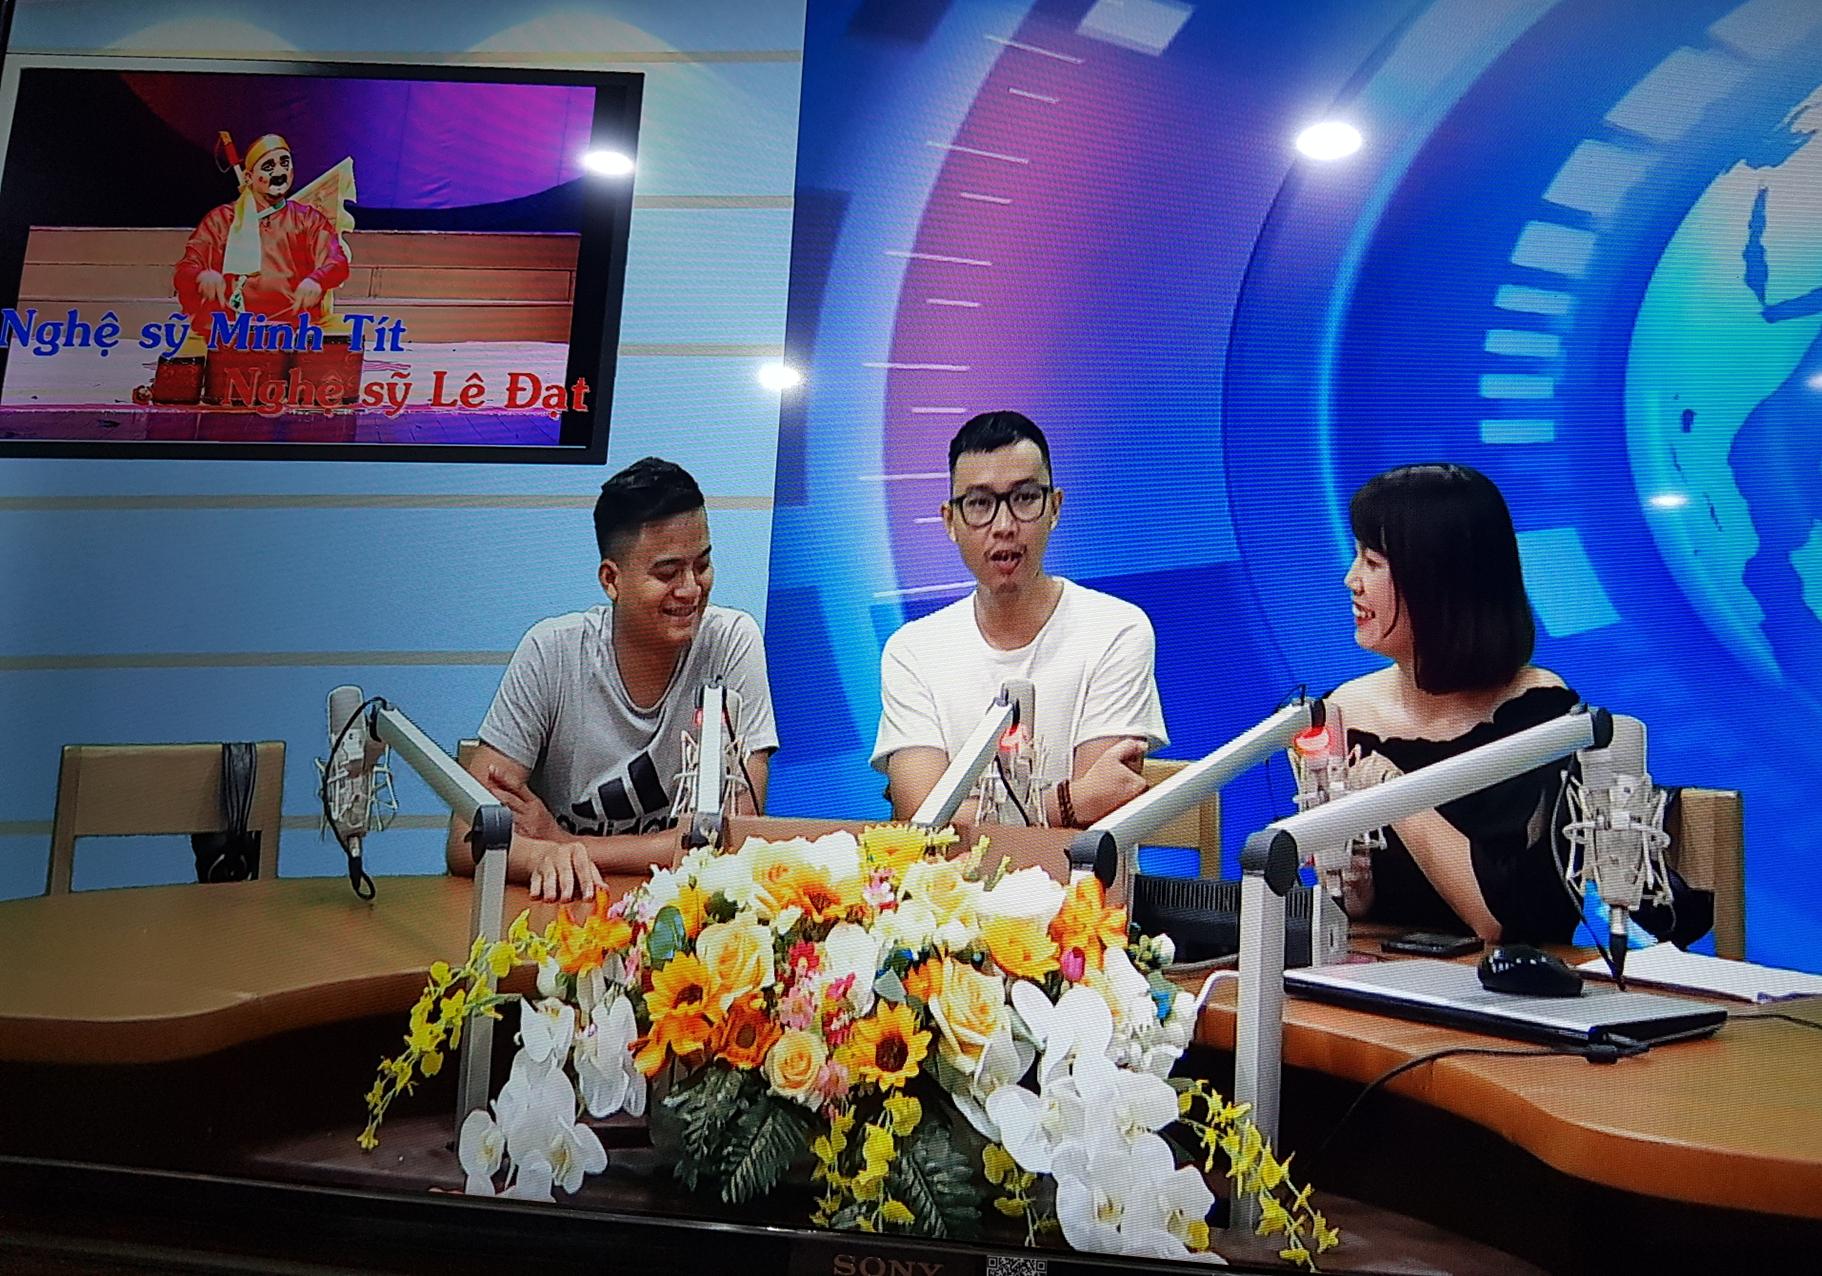 Hai nghệ sĩ: Minh Tít và Lê Đạt với tâm huyết giữ gìn bảo tồn văn hóa nghệ thuật truyền thống (13/7/2019)